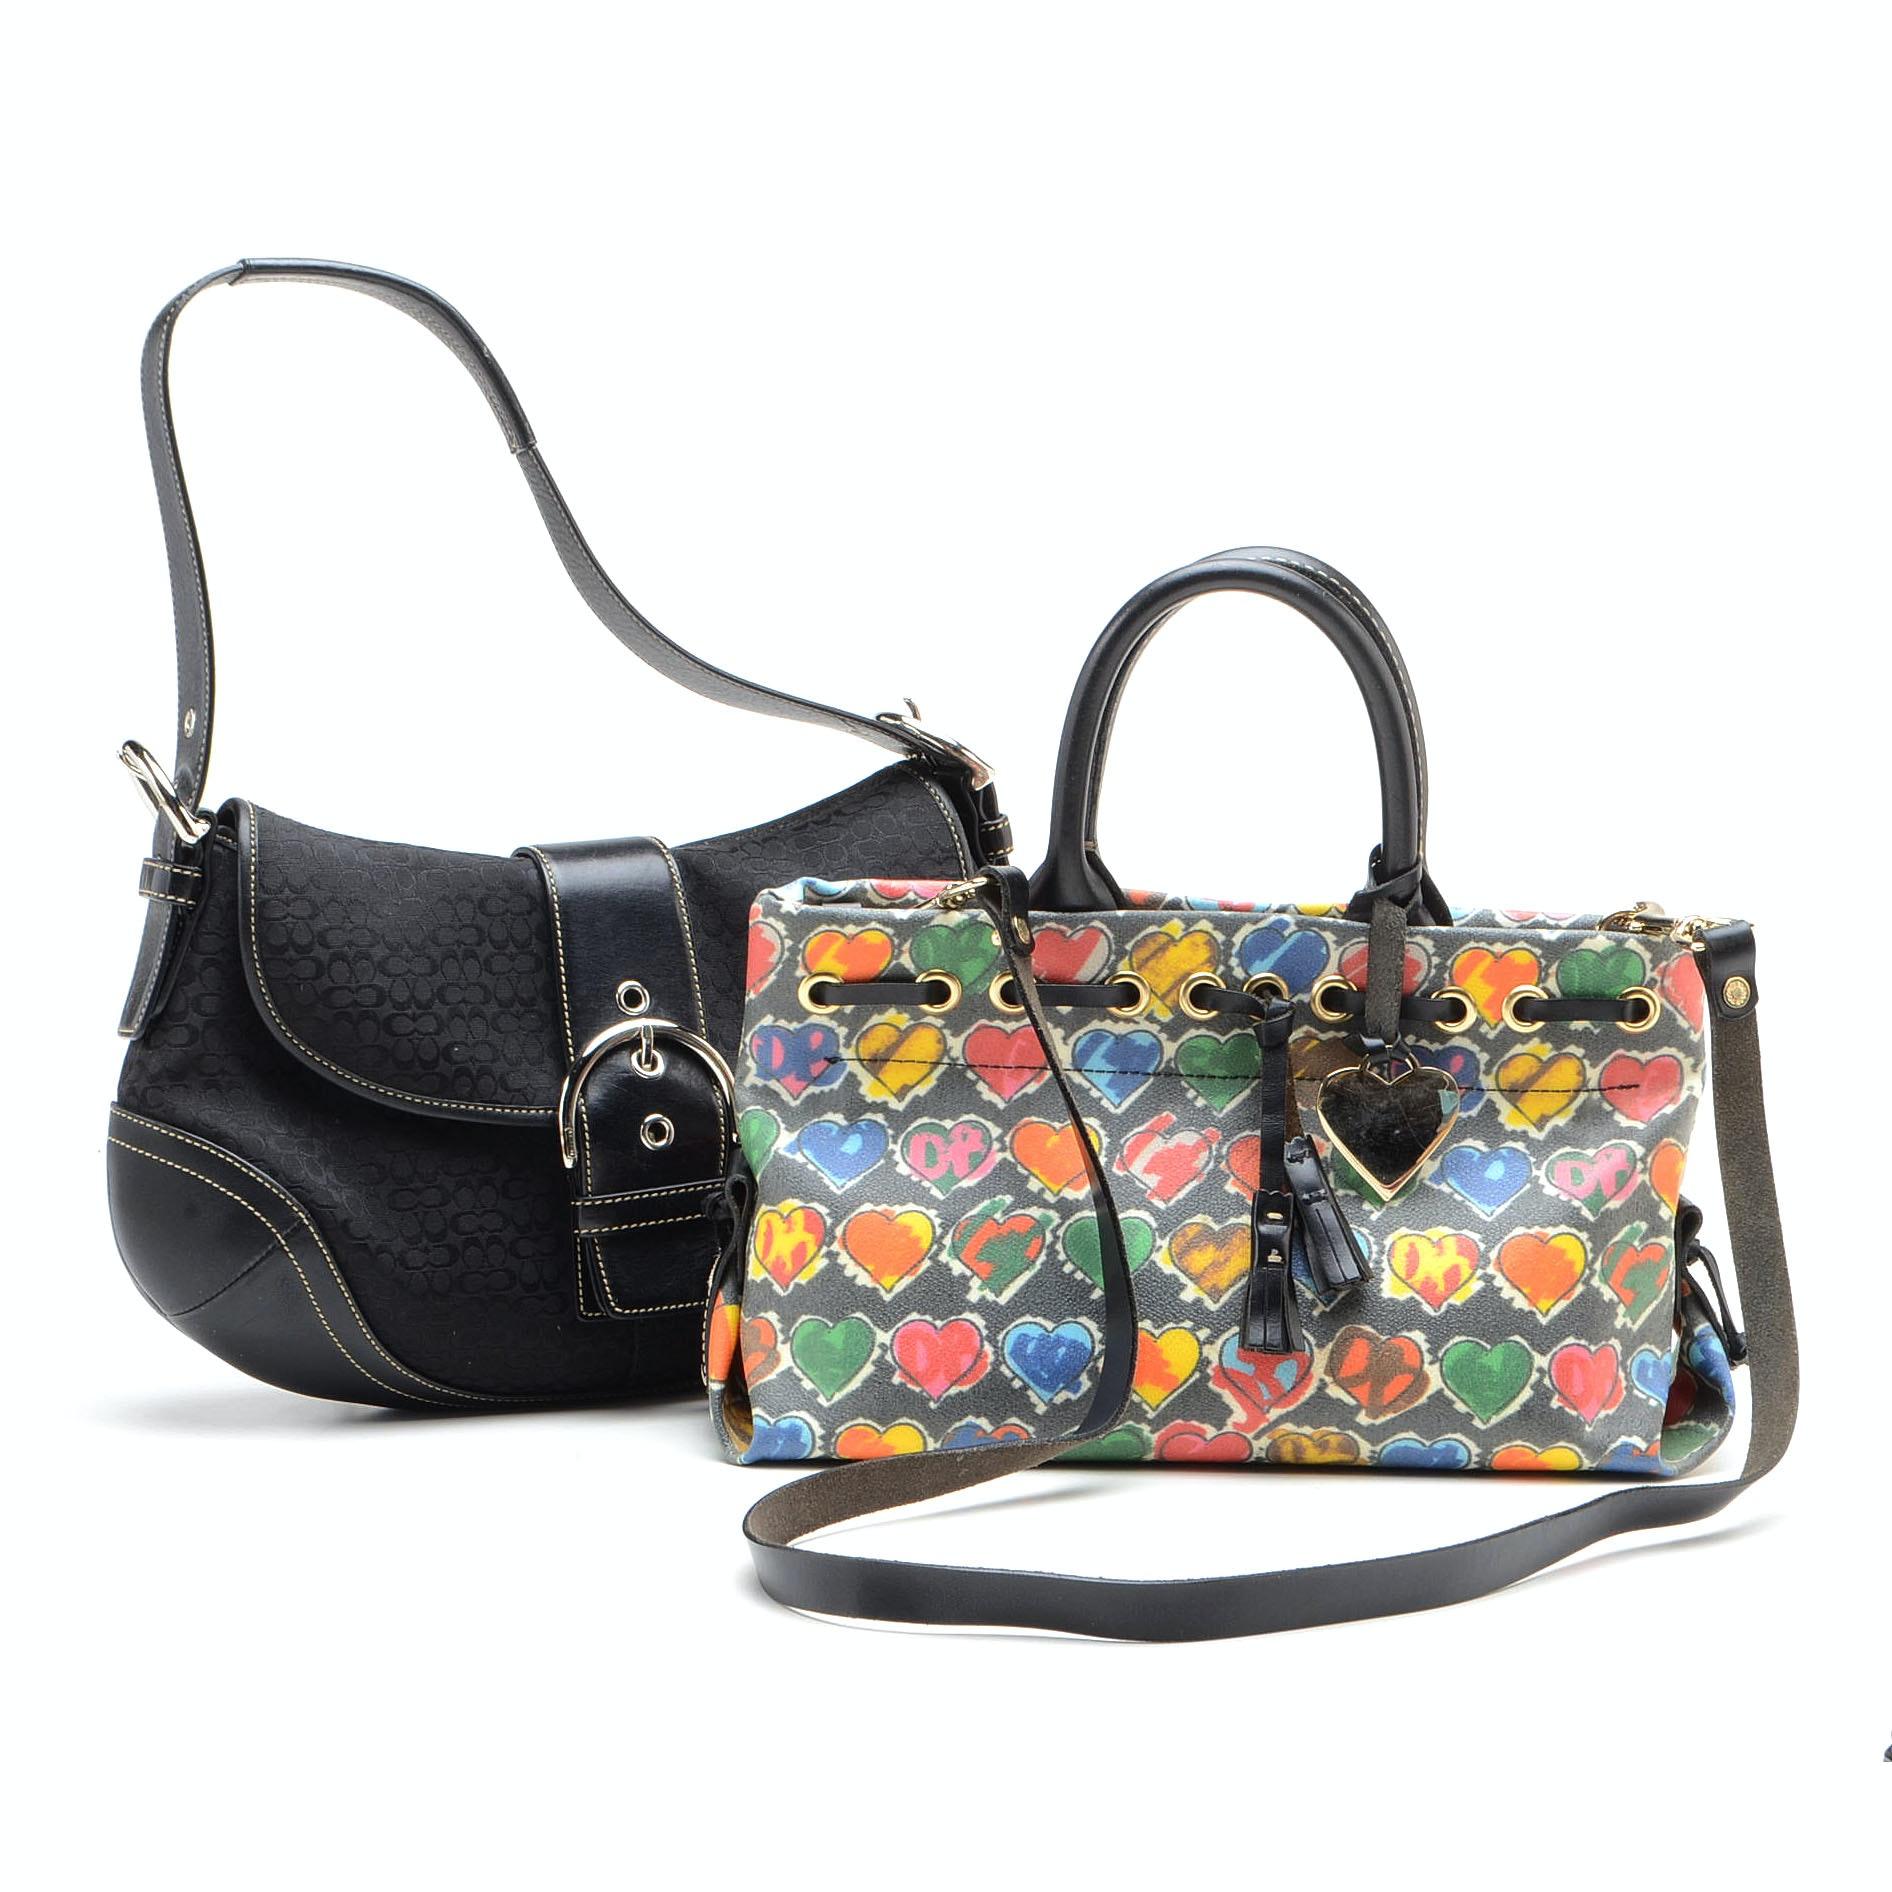 Coach and Dooney & Bourke Handbags